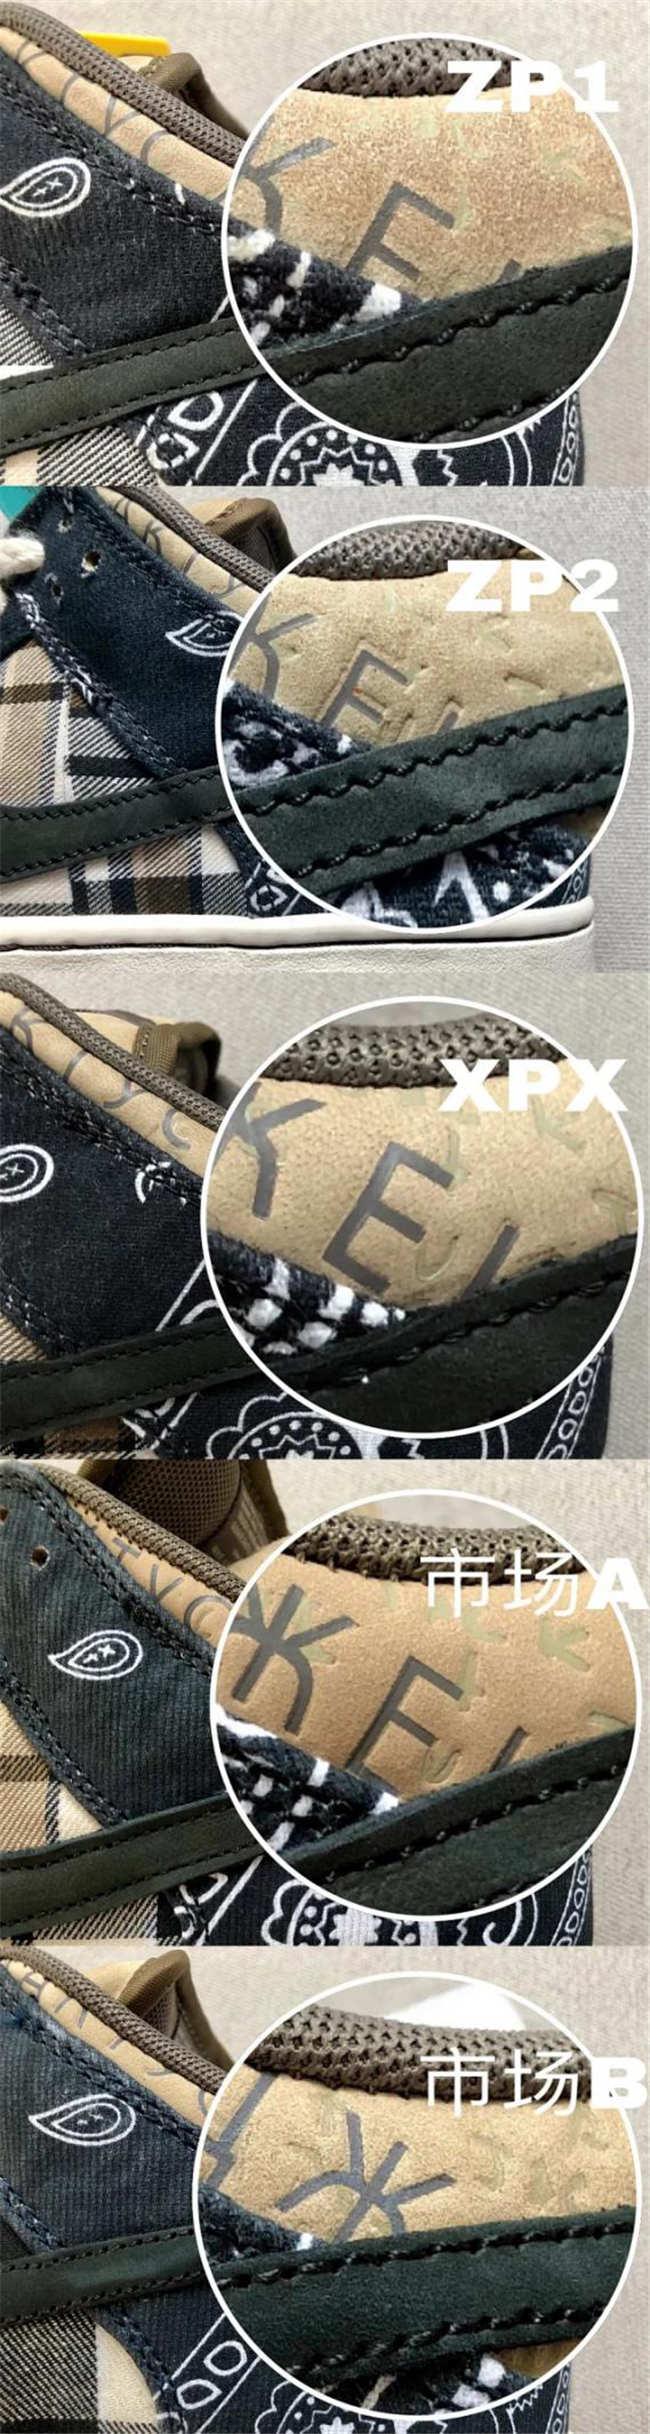 TS Nike sb dunk腰果花真假对比 腰果花荧光效果